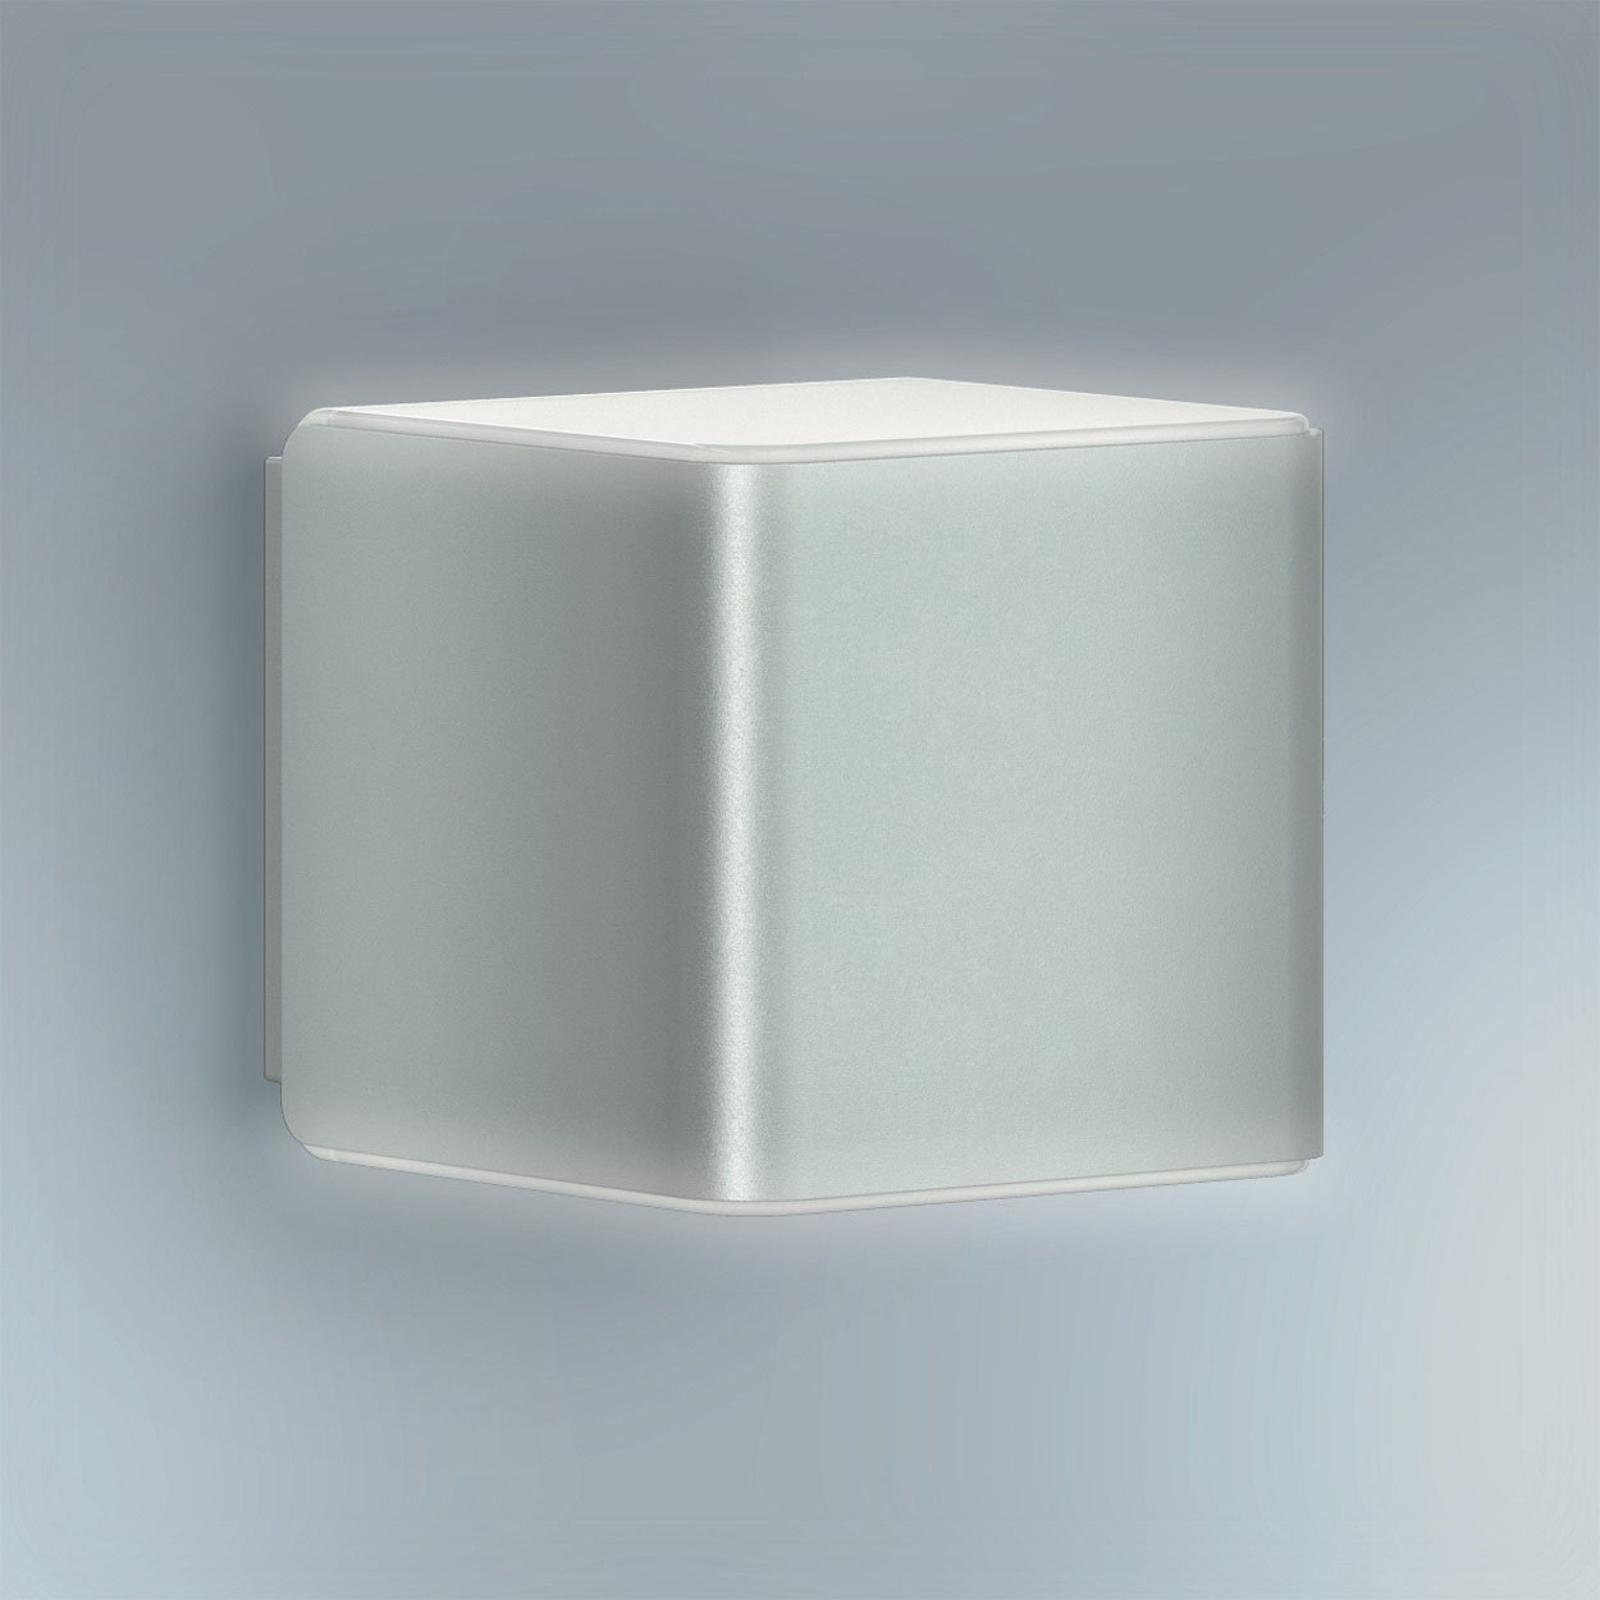 STEINEL L 840 LED iHF kinkiet zewnętrzny, srebrny